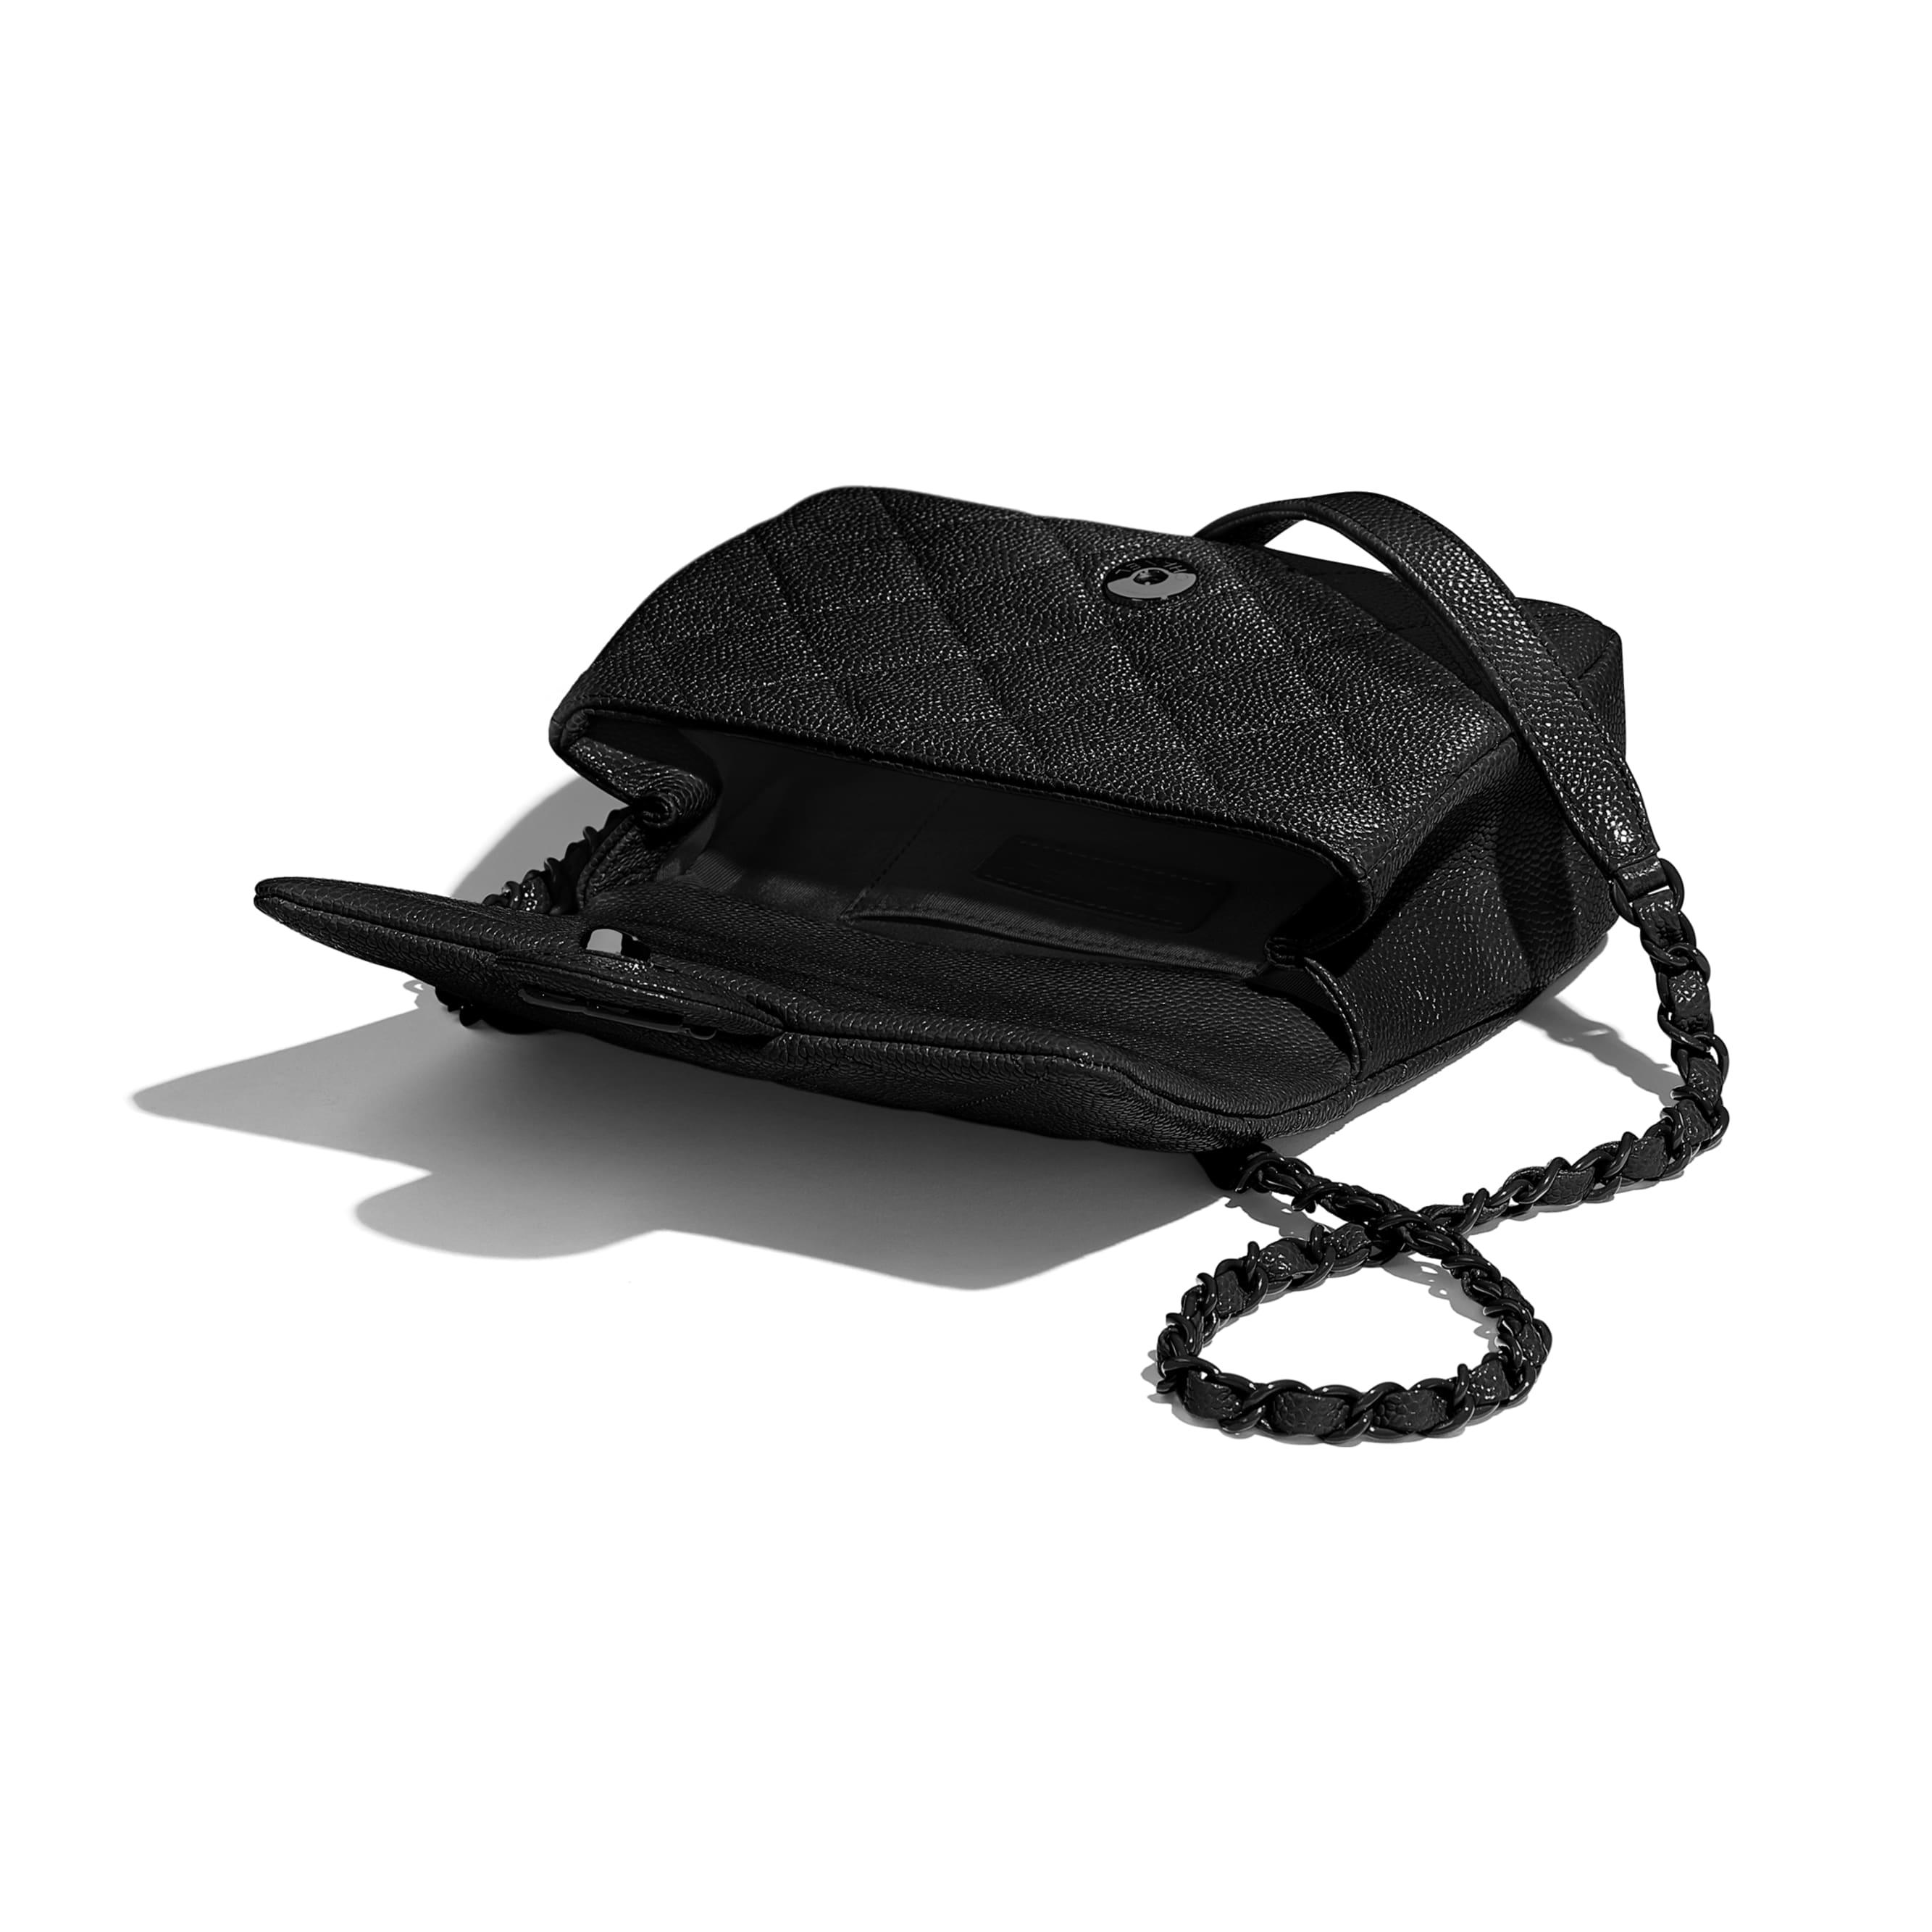 Bolso con solapa - Negro - Piel de ternera granulada y metal lacado - CHANEL - Otra vista - ver la versión tamaño estándar